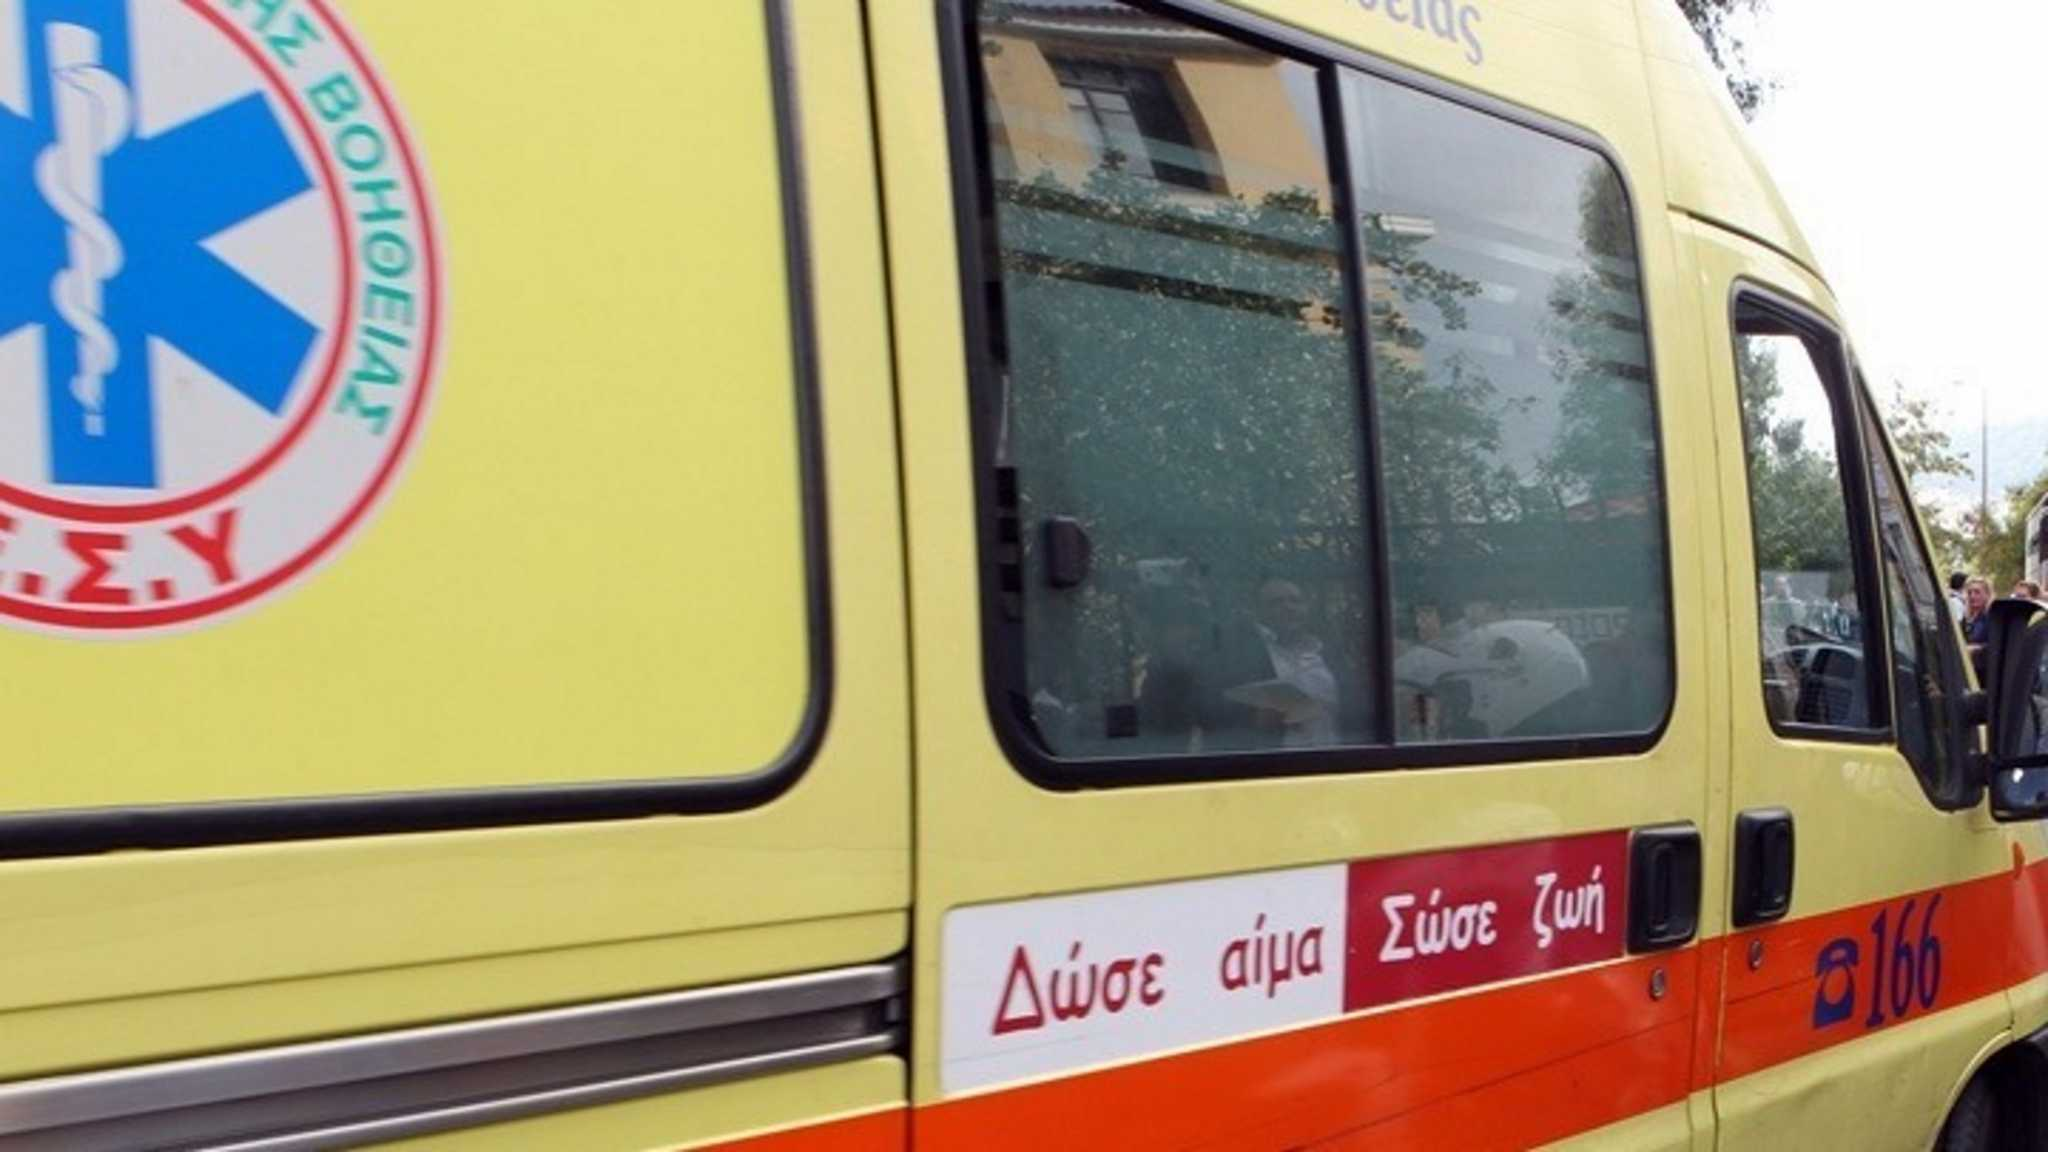 Χανιά: Αυτοκίνητο «καρφώθηκε» στις προστατευτικές μπάρες – Νεκρός ο οδηγός